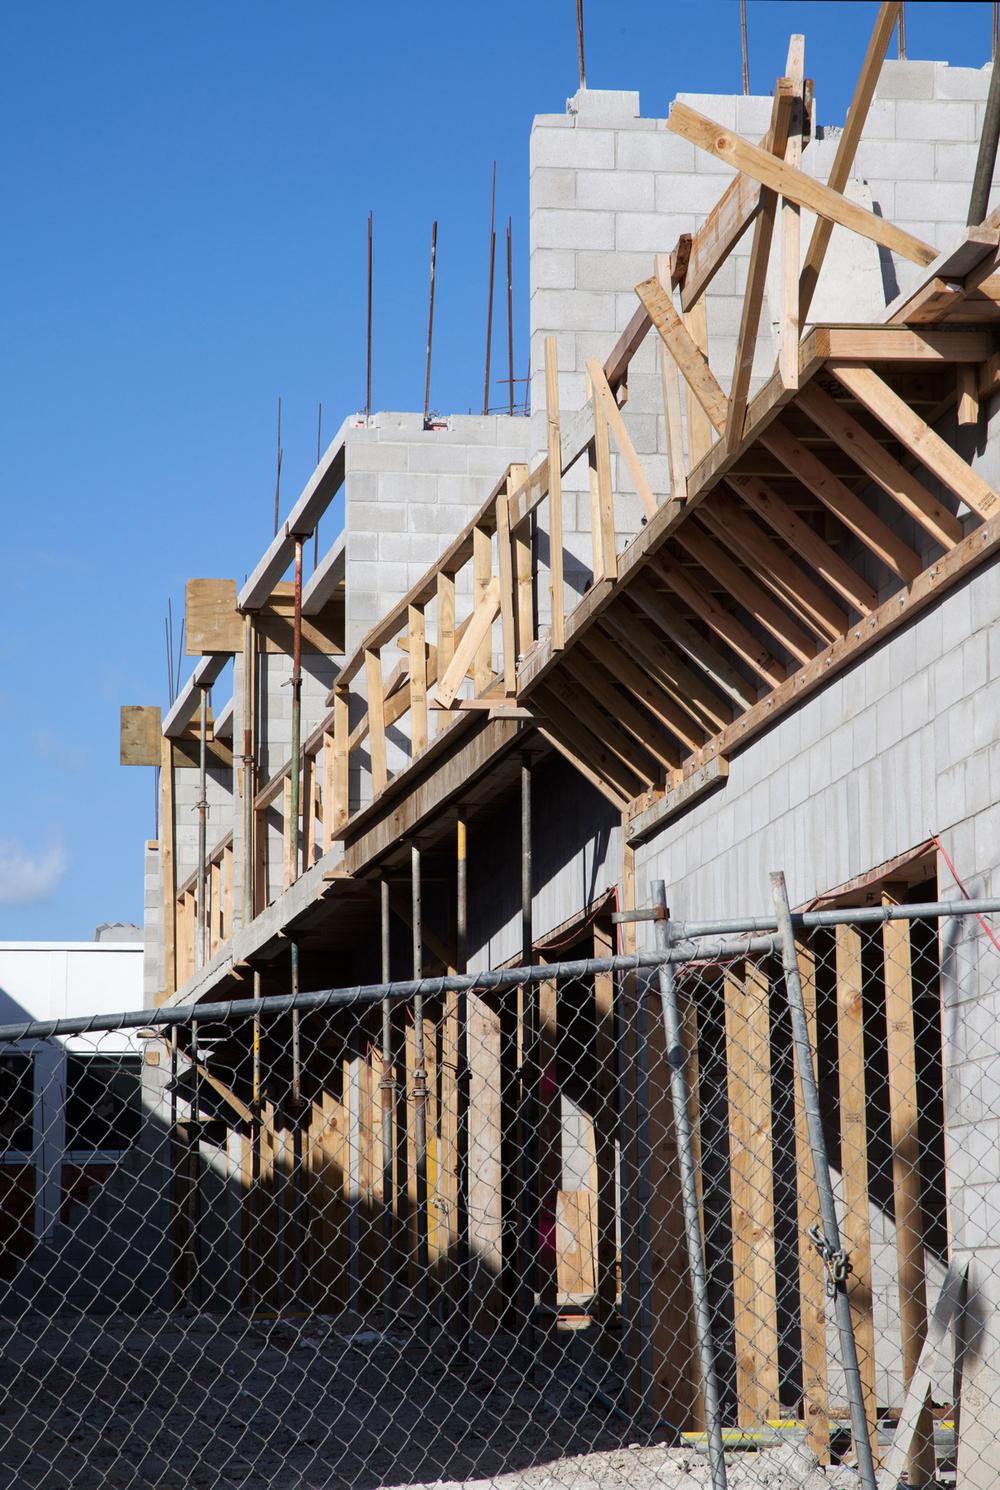 Leuschke-Kahn-Architects-IMG_6577.jpg